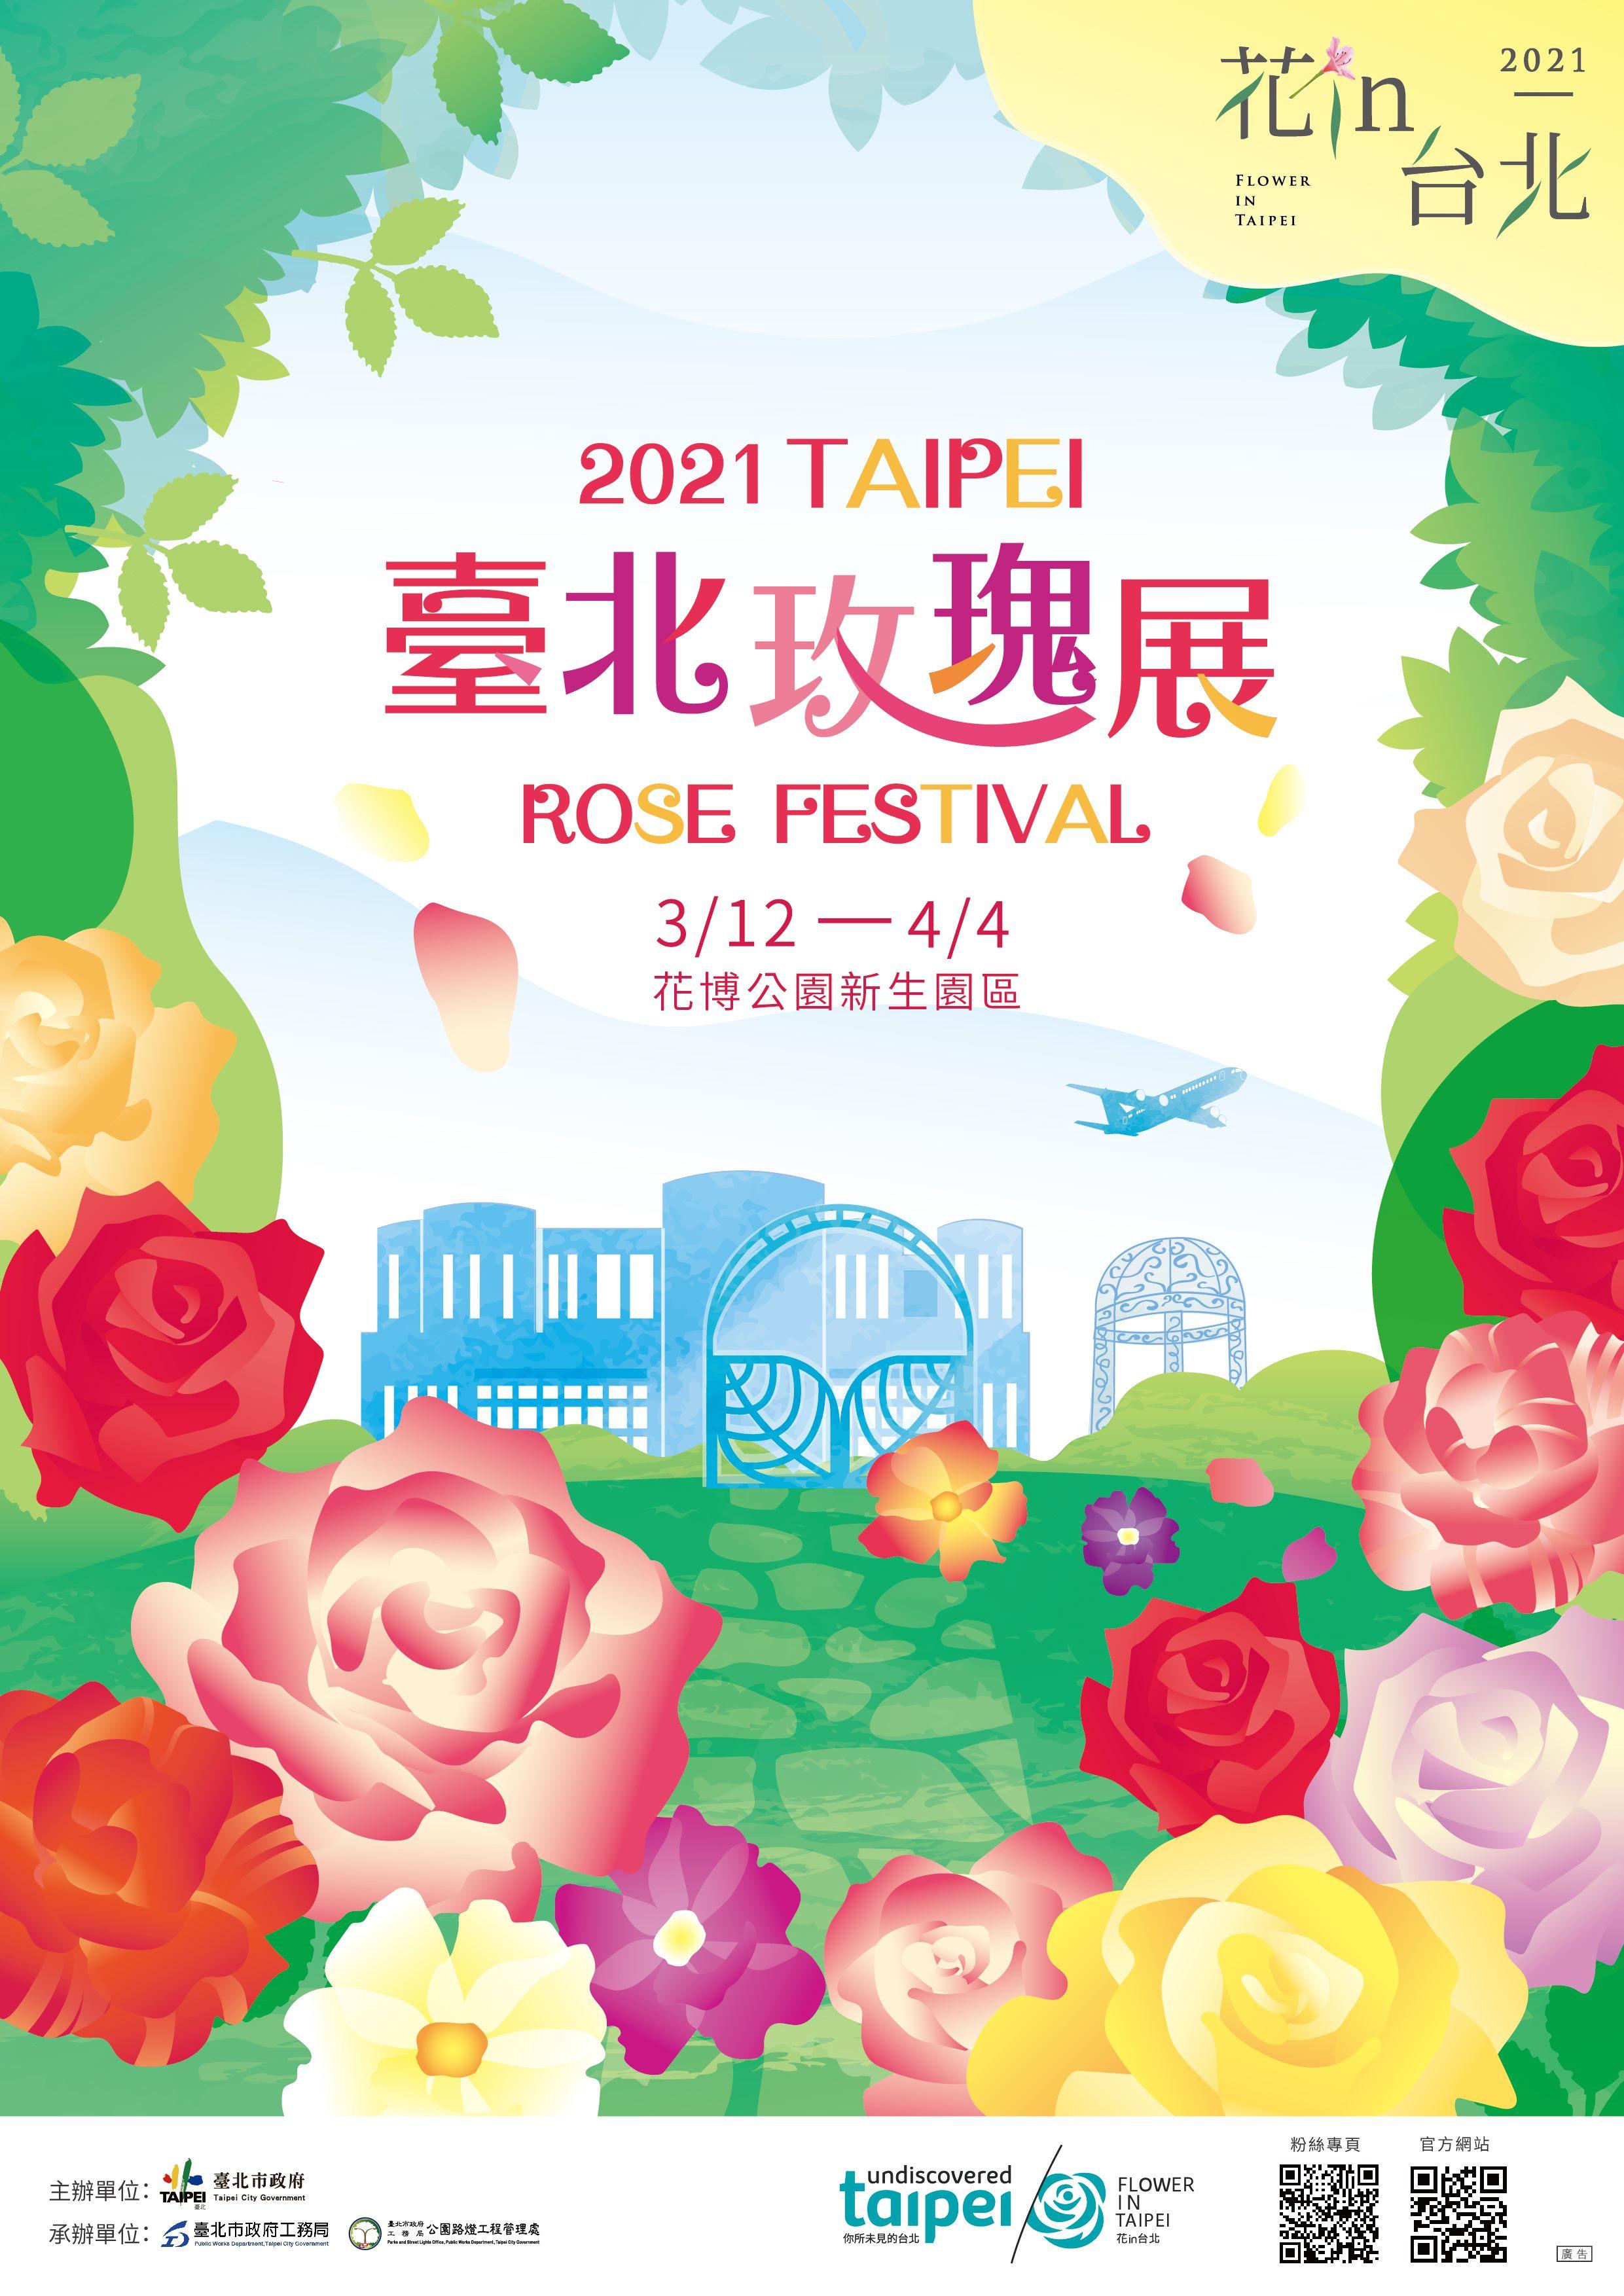 圖6.臺北玫瑰展312-44於花博公園新生園區接力展出